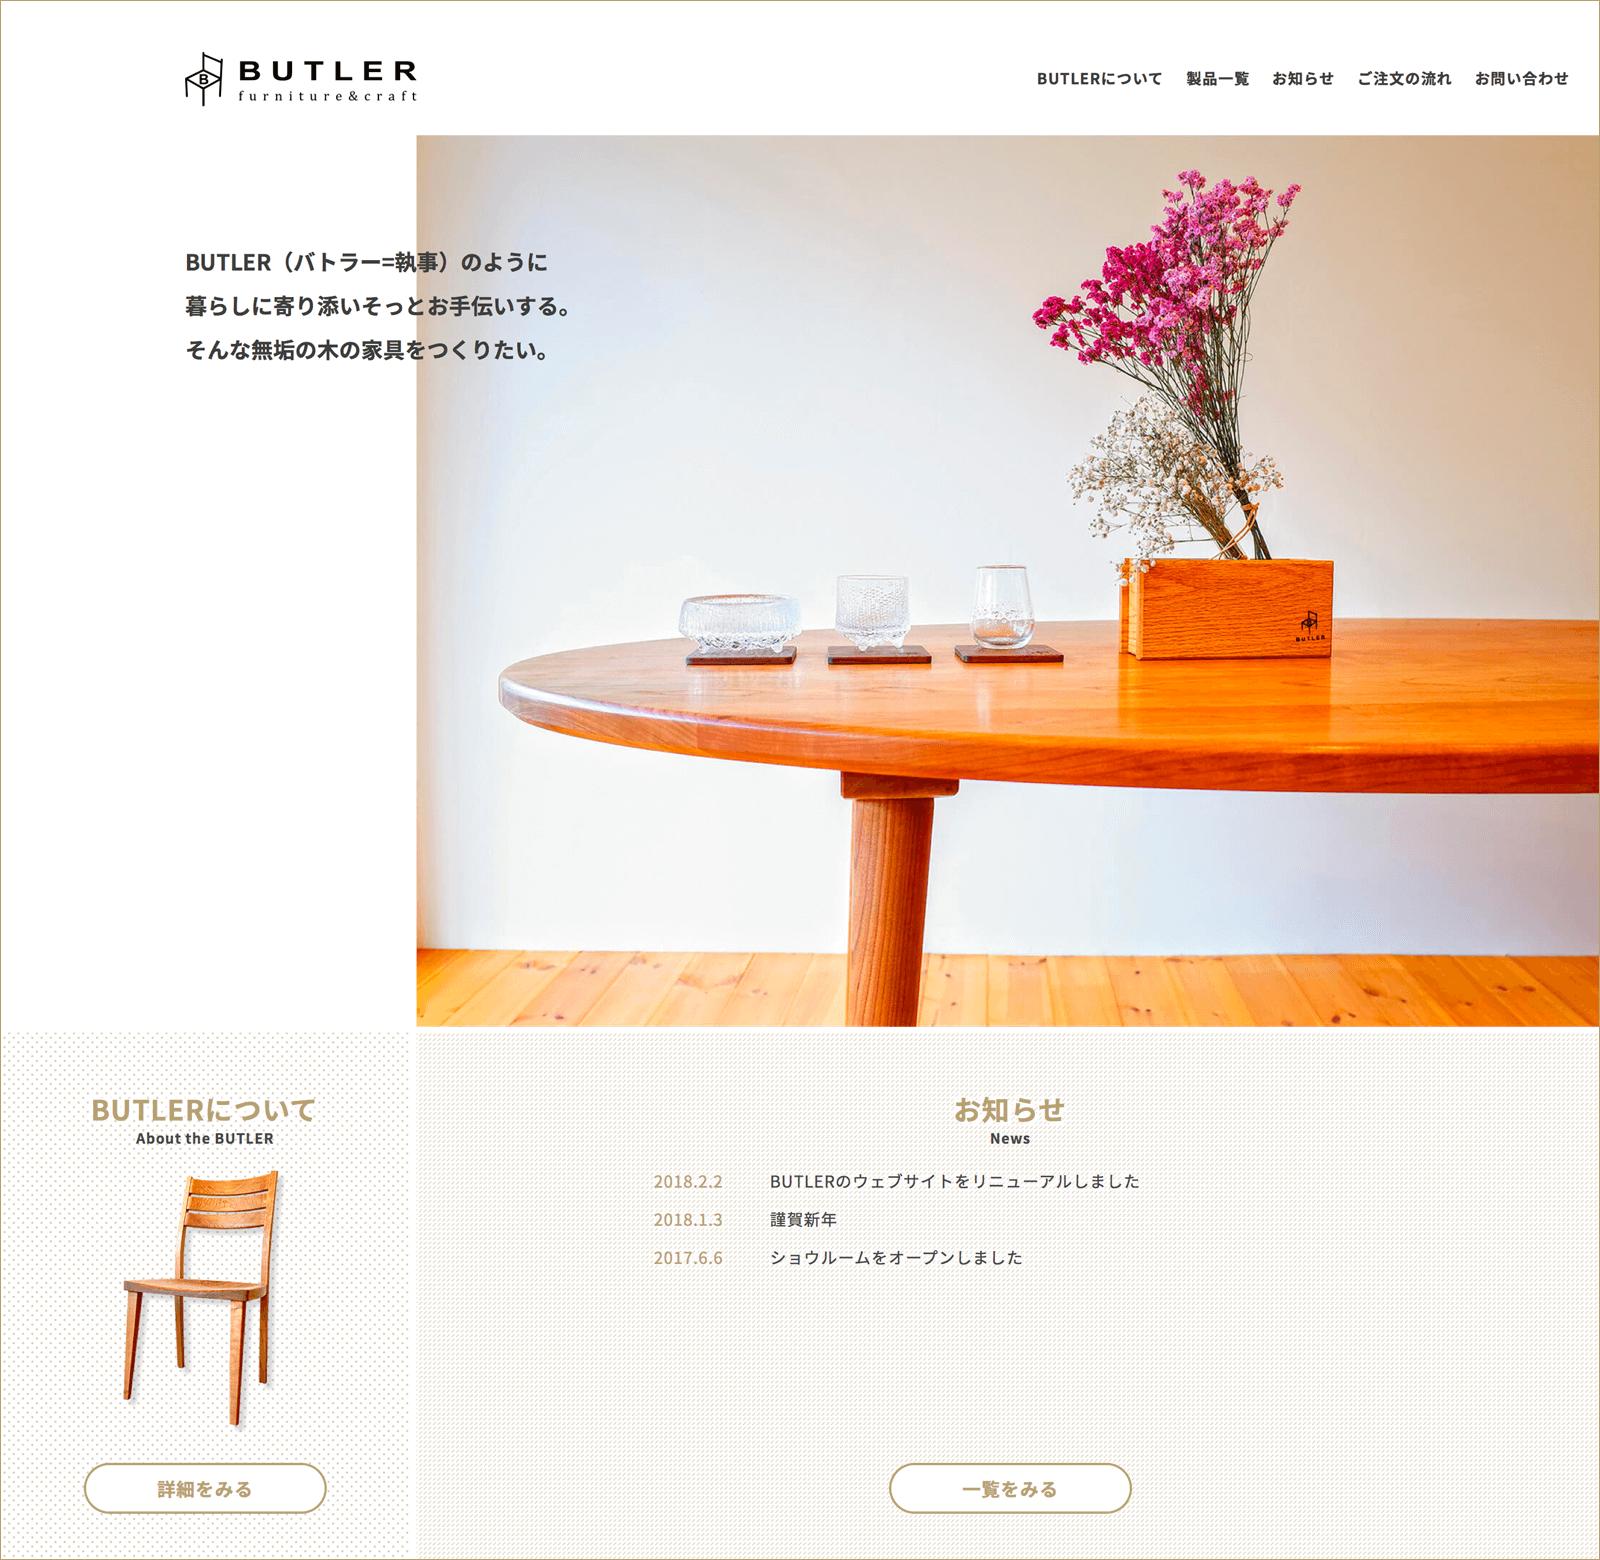 BUTLERウェブサイト